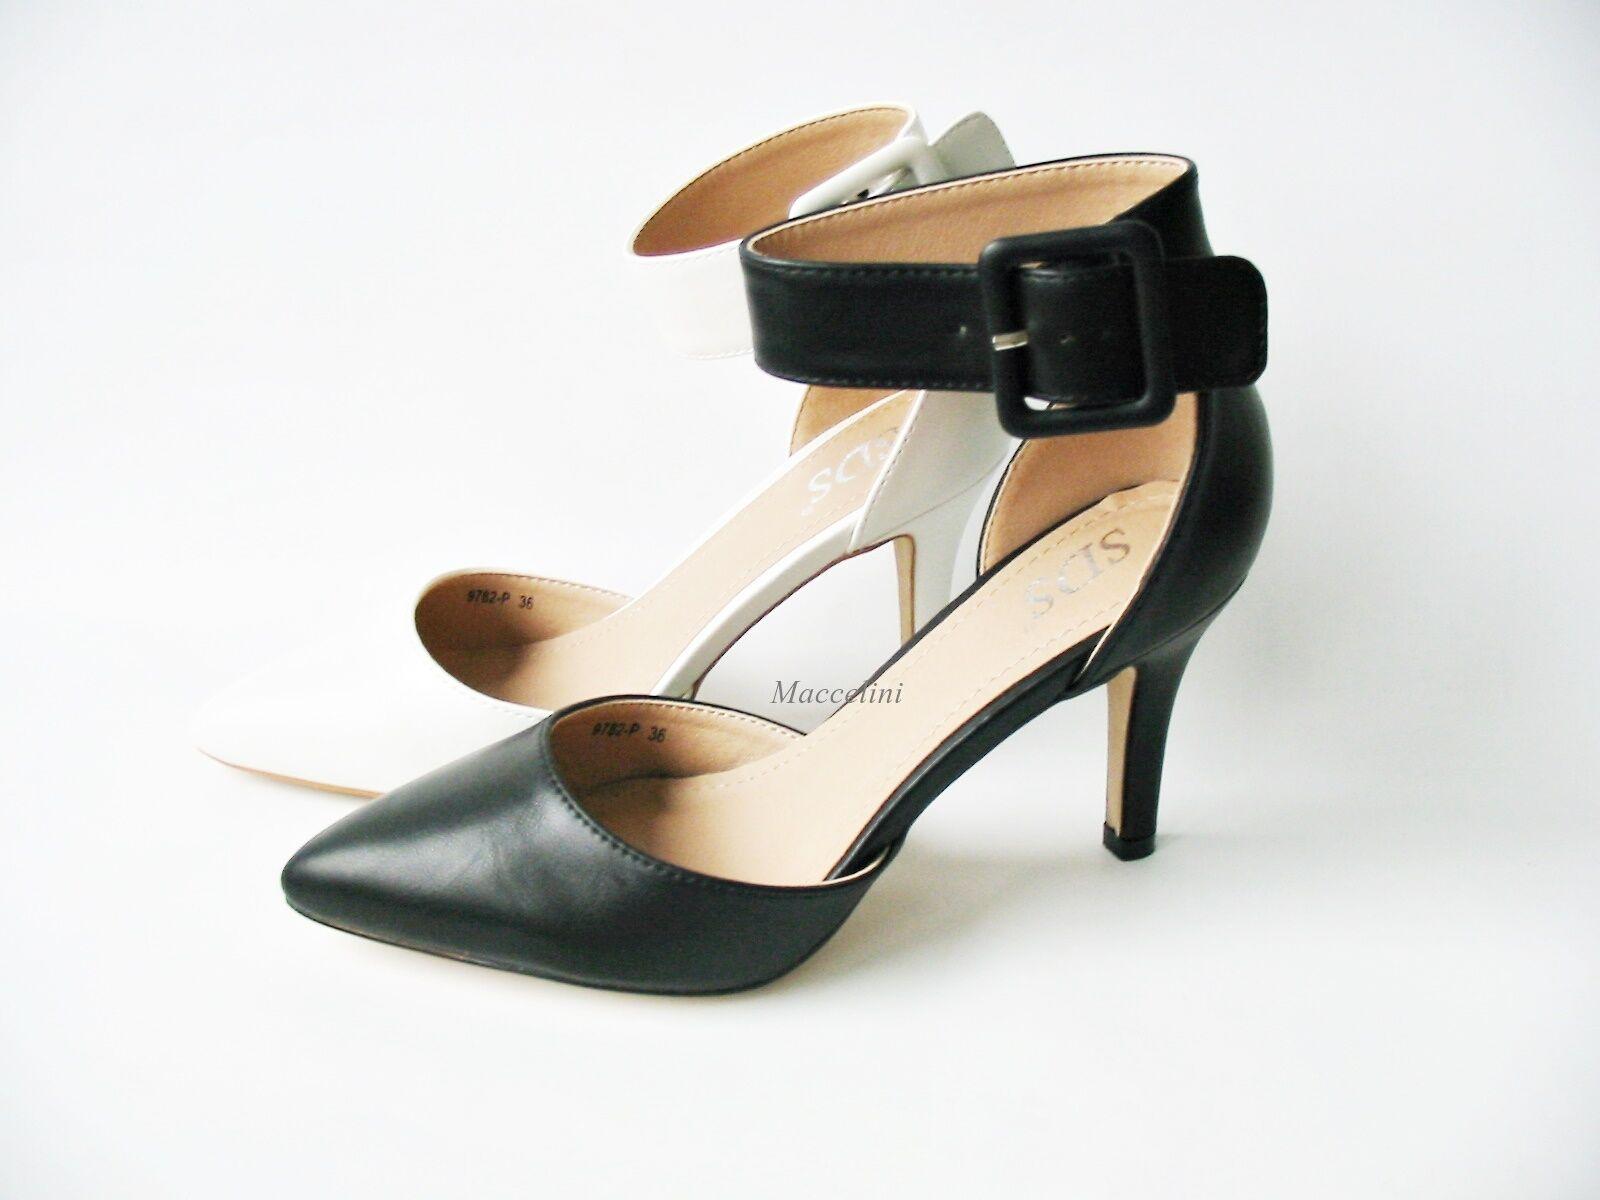 neu damen riemchen pumps high heels hochzeit schuhe 9782. Black Bedroom Furniture Sets. Home Design Ideas